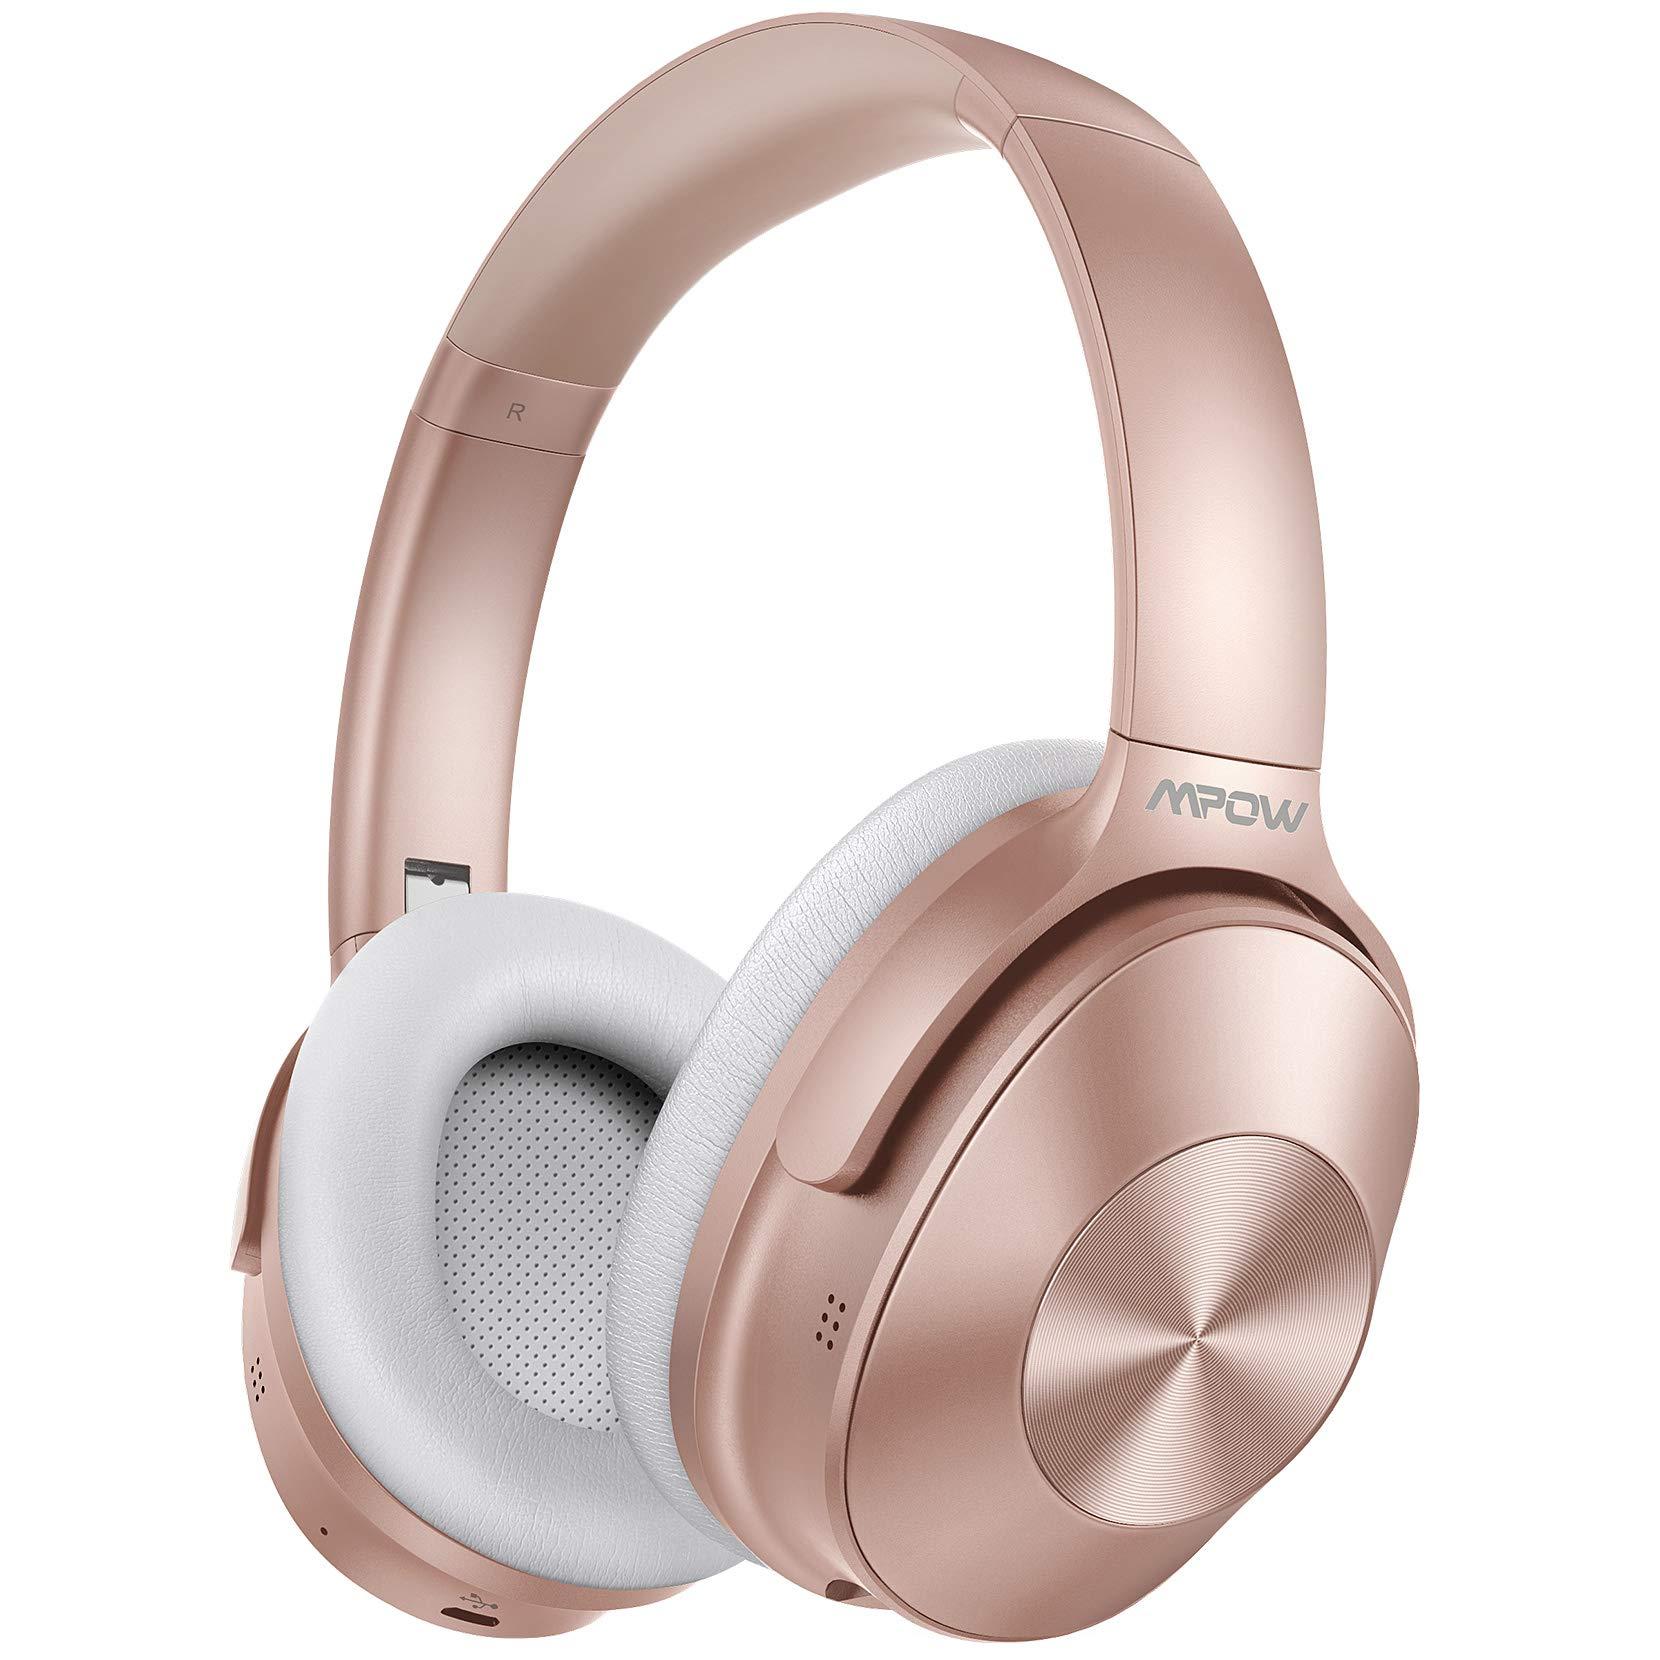 Mpow H12 Auriculares con Cancelación de Ruido, Auriculares Bluetooth Diadema 5.0 con Micrófono CVC 6.0, 30 Hrs de Reproducir, Cascos con Cancelación de Ruido para Videollamada/Skype/PC/TV/Móvil-Rosa: Amazon.es: Electrónica